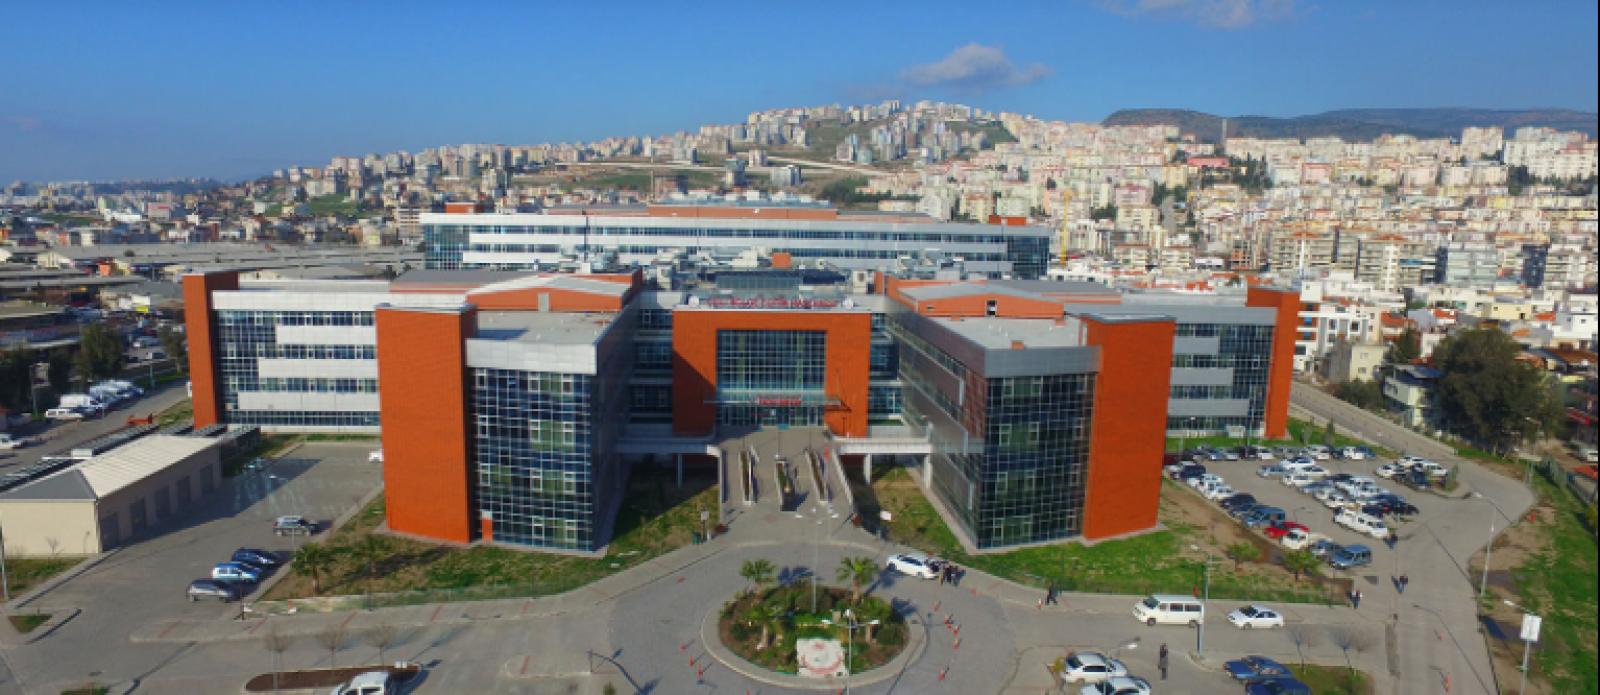 İzmir Karşıyaka 400 Yataklı Devlet Hastanesi